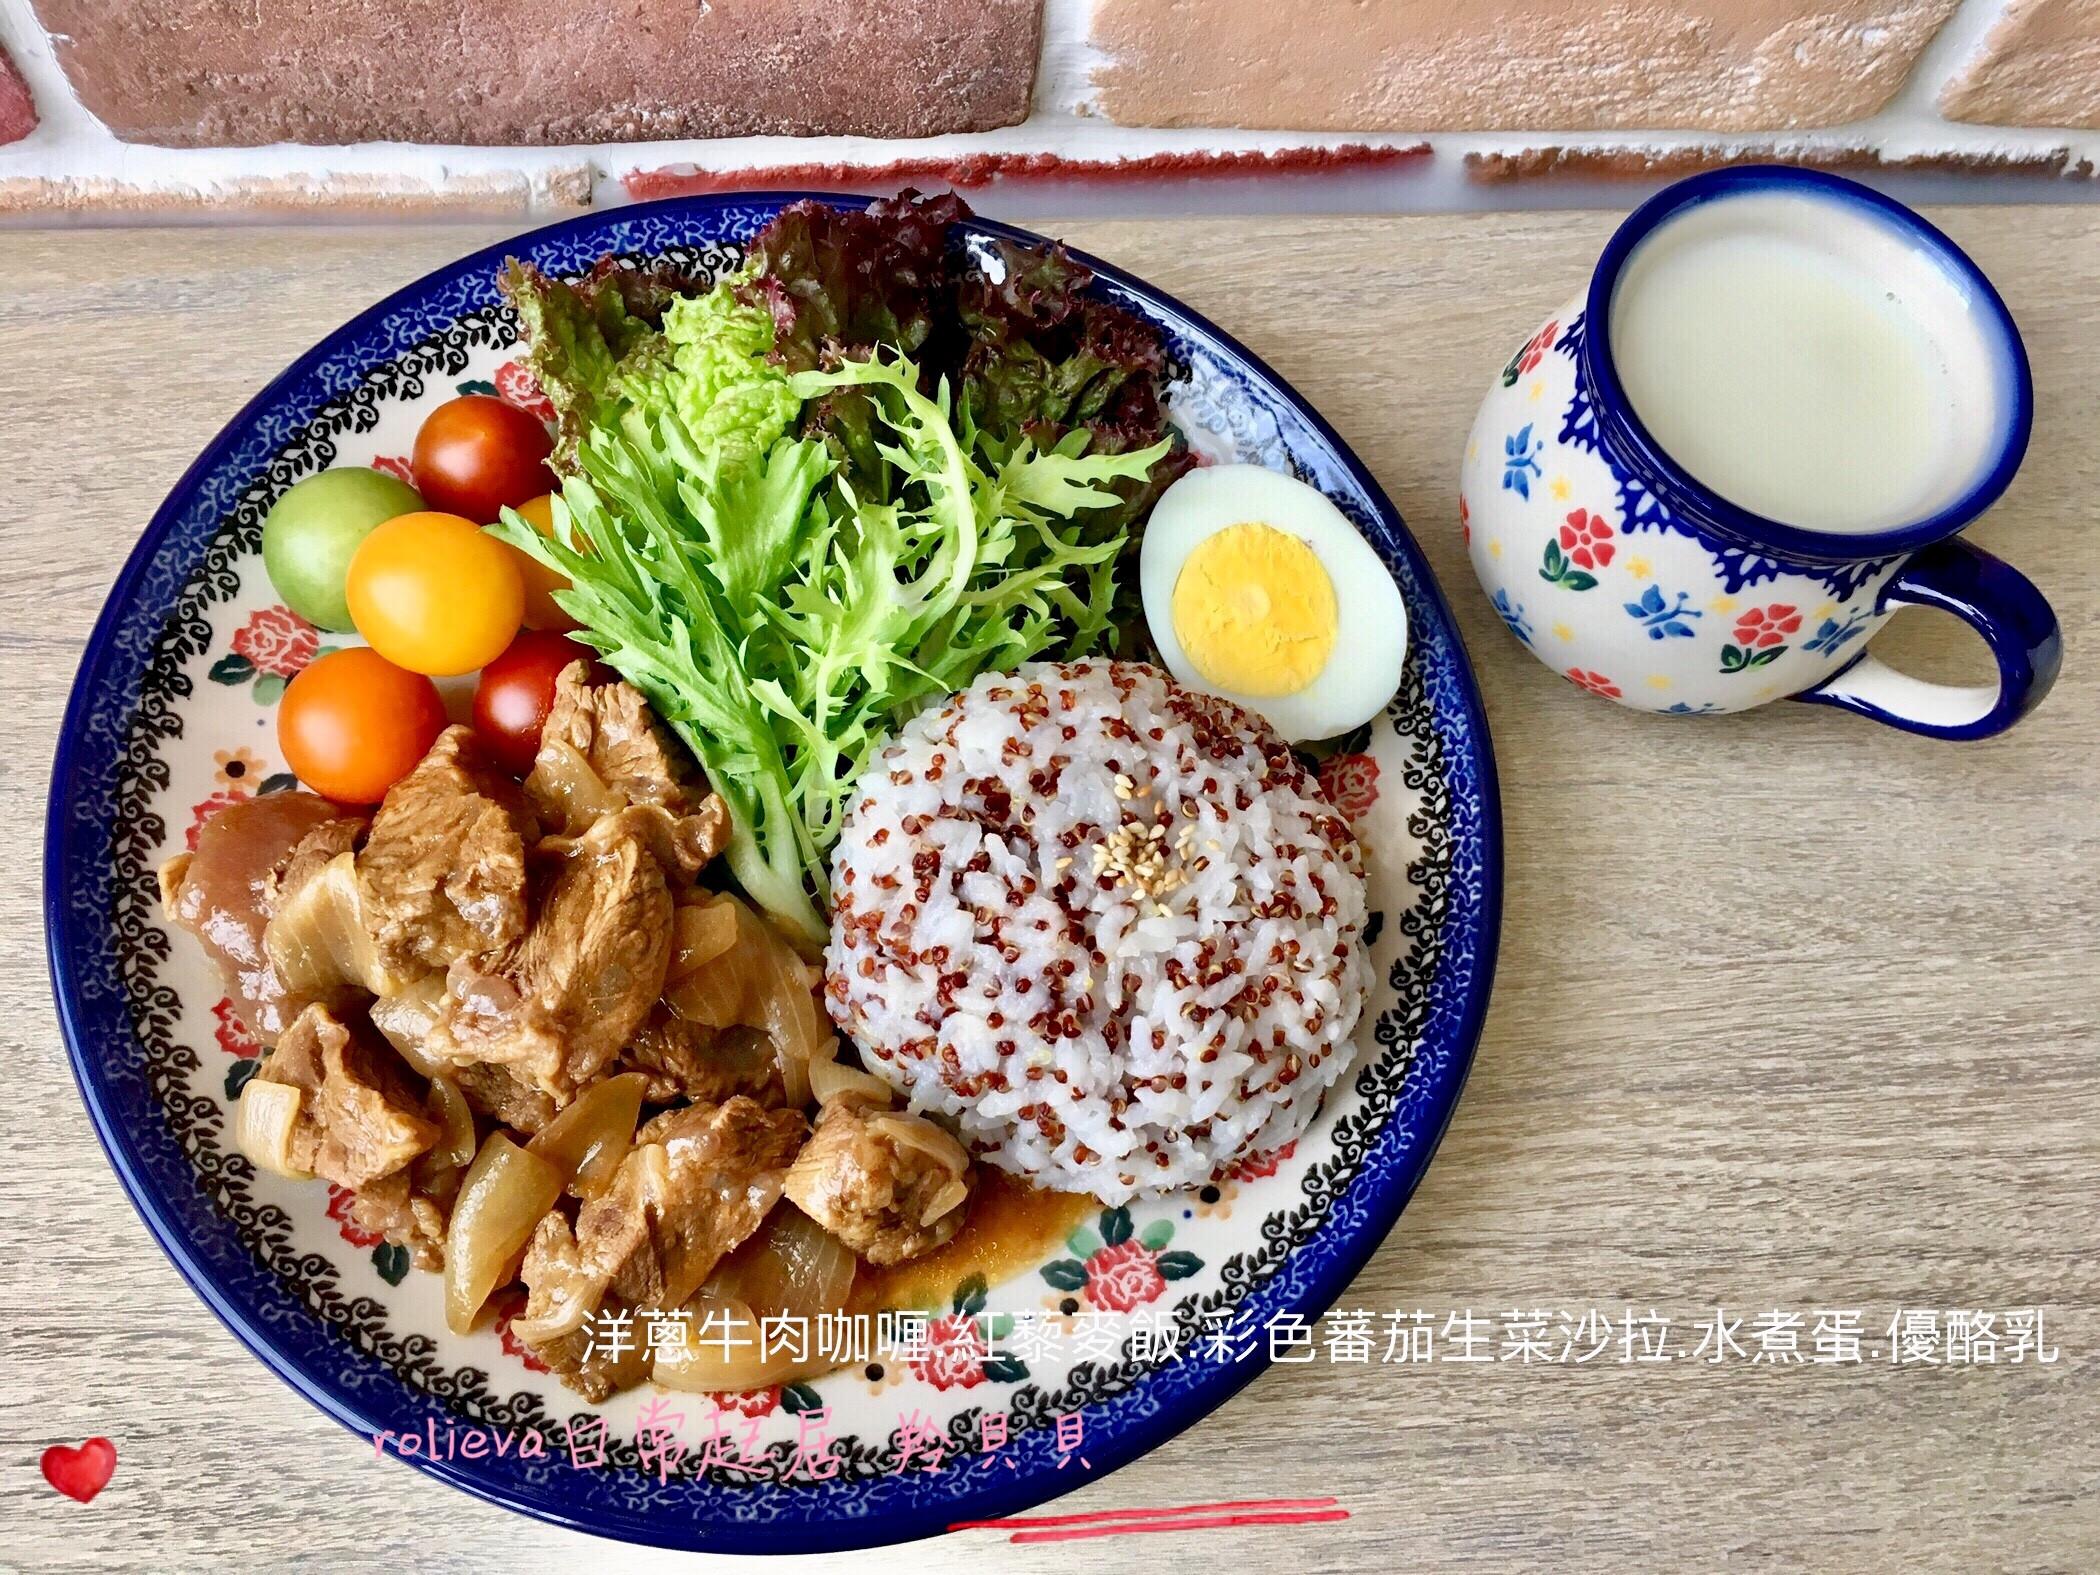 洋蔥牛肉咖喱.紅藜麥飯.彩色蕃茄生菜沙拉